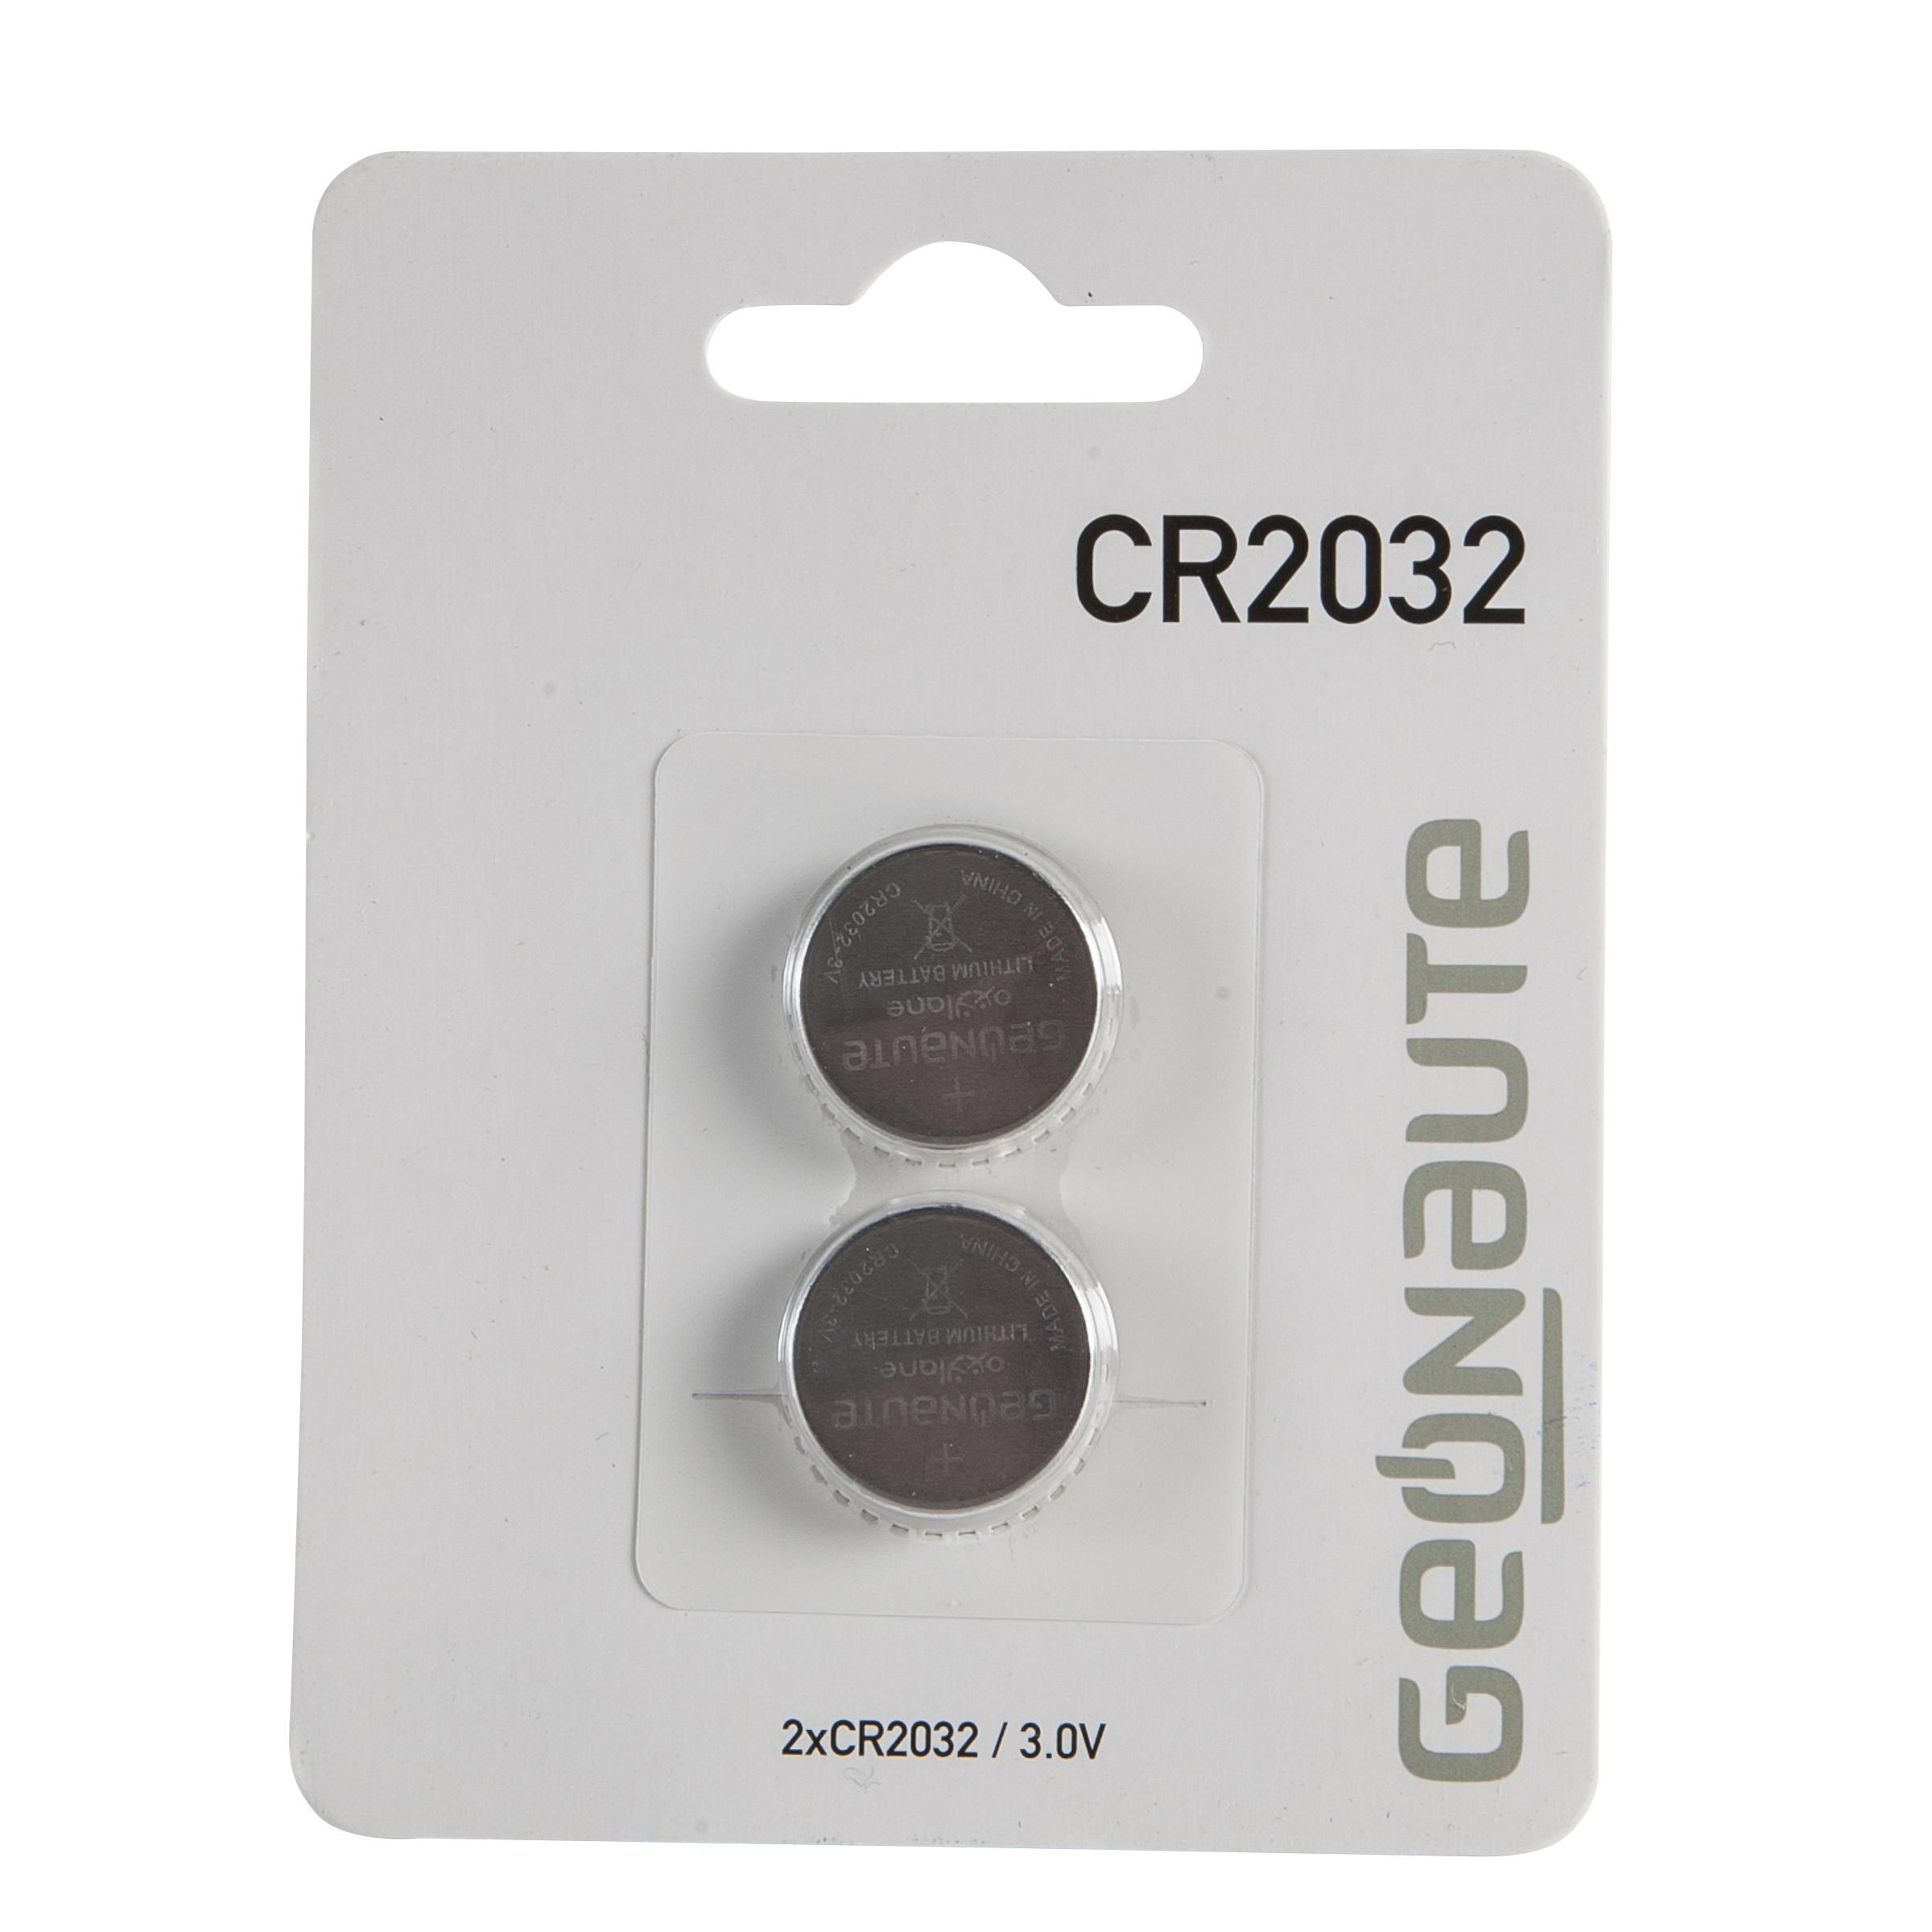 ชุดแบตเตอรี่ CR2032...